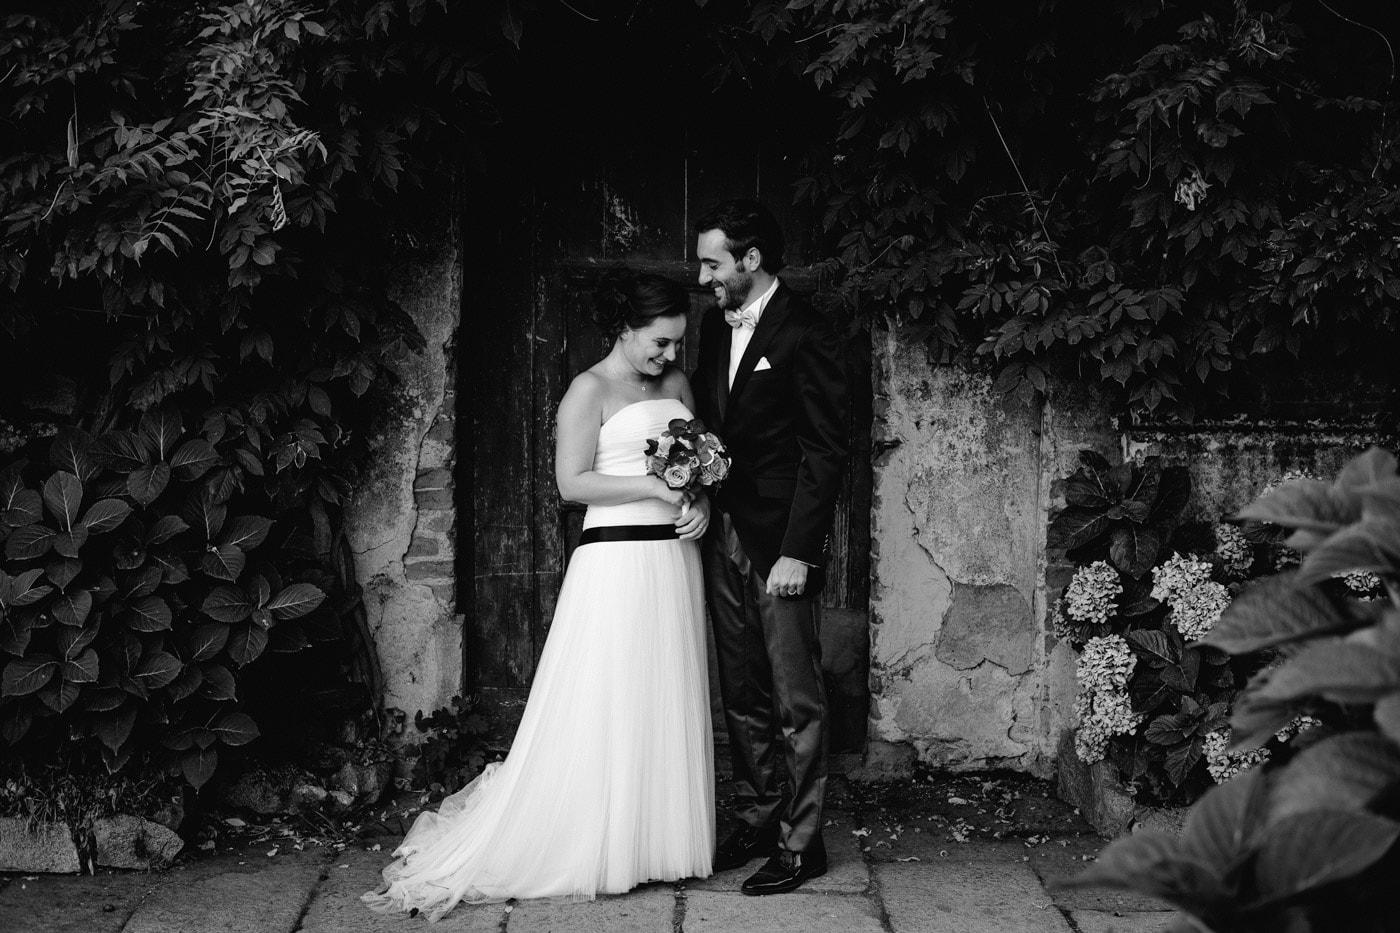 matrimonio-rock-castello-di-desana-ritratti